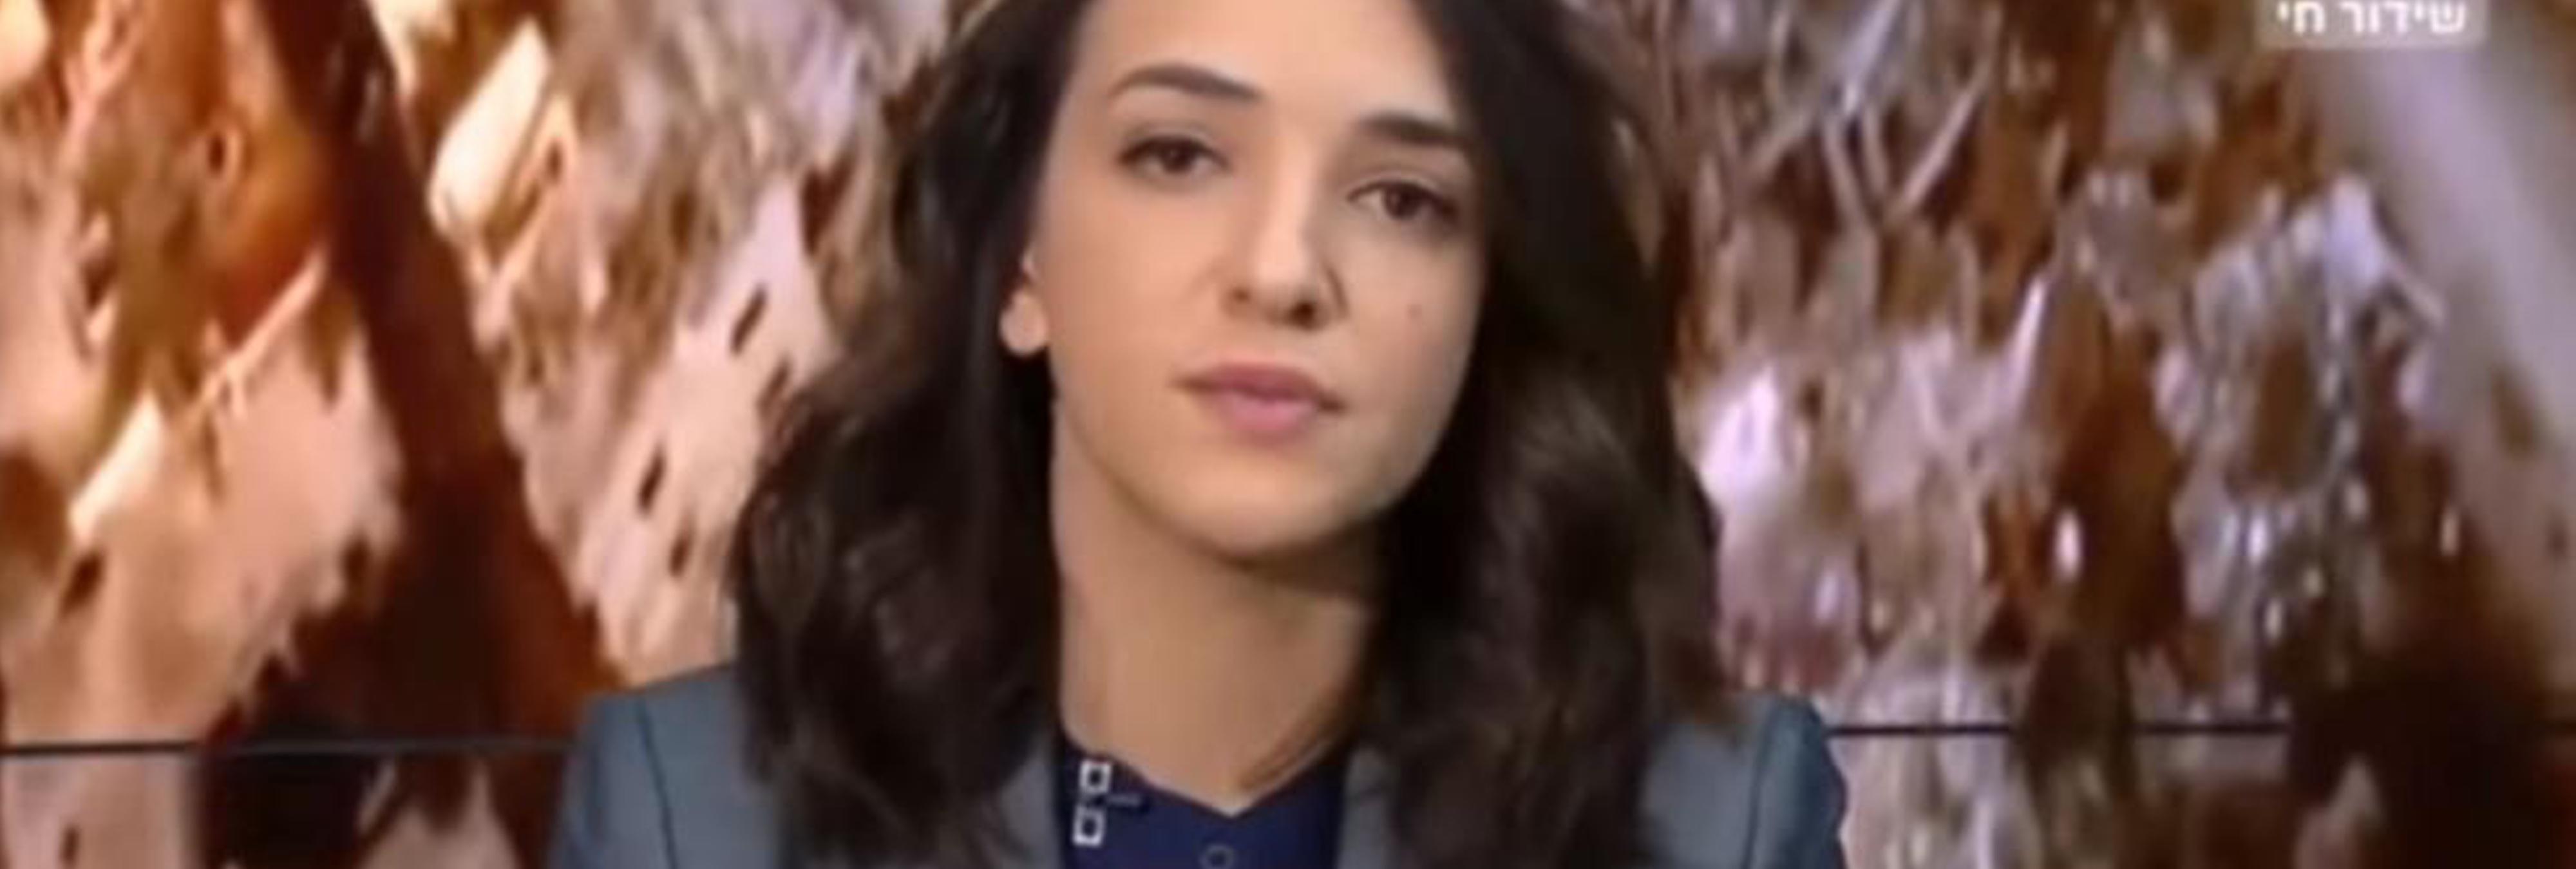 """Una periodista israelí carga duramente contra la comunidad internacional por el """"holocausto"""" en Siria"""